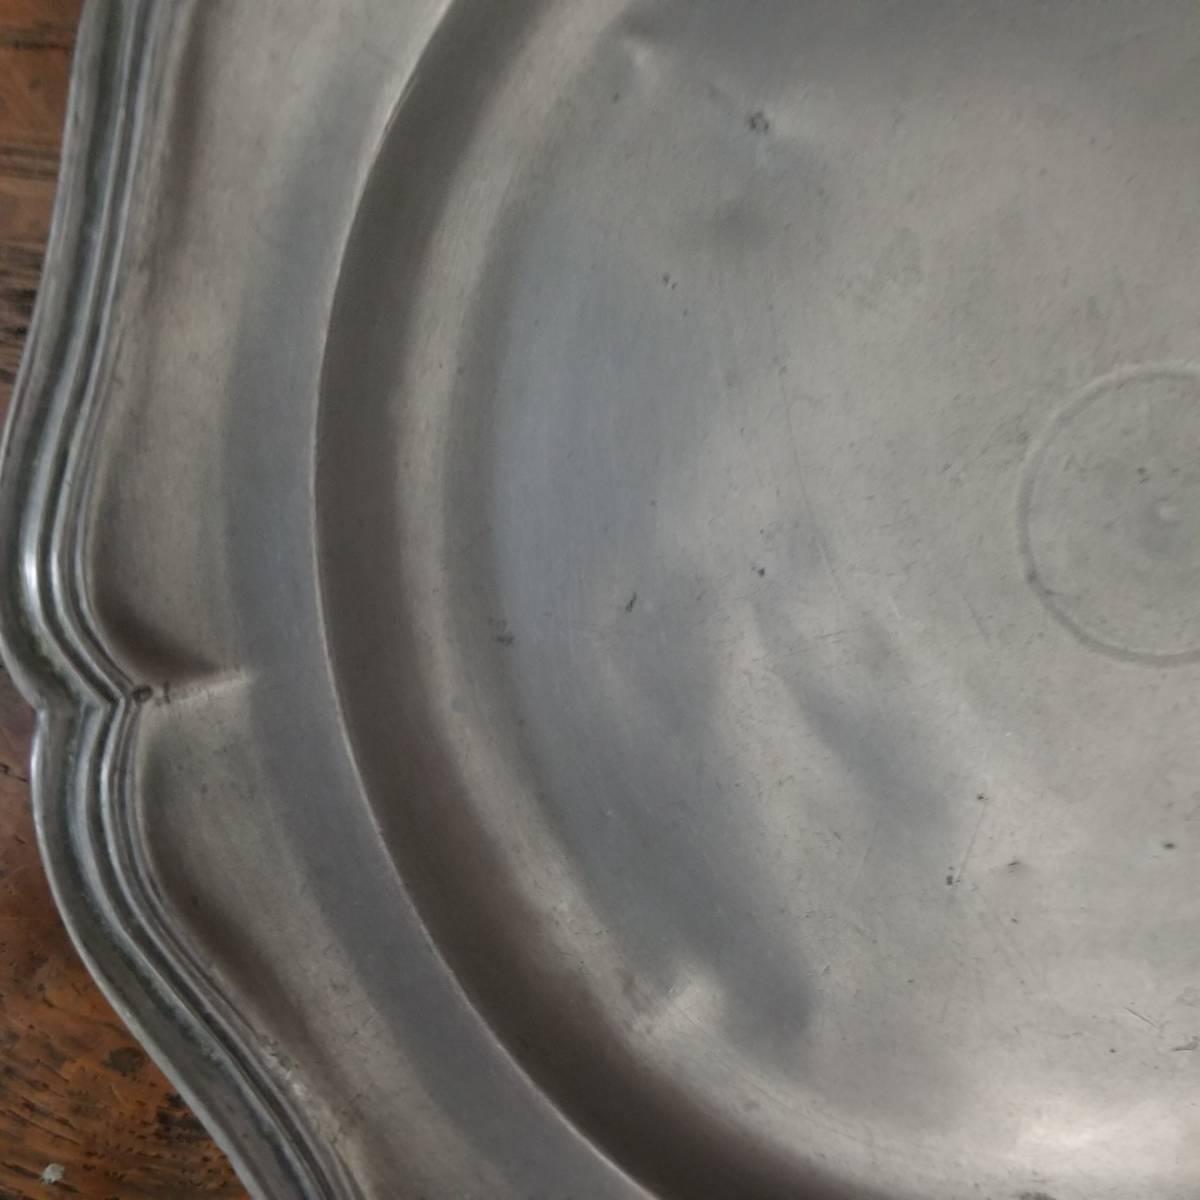 アンティーク 花リム ピュータープレート 23㎝ ④ エタンプレート 錫のお皿 フランス ヴィンテージ ブロカント シャビーシック 古道具_画像3